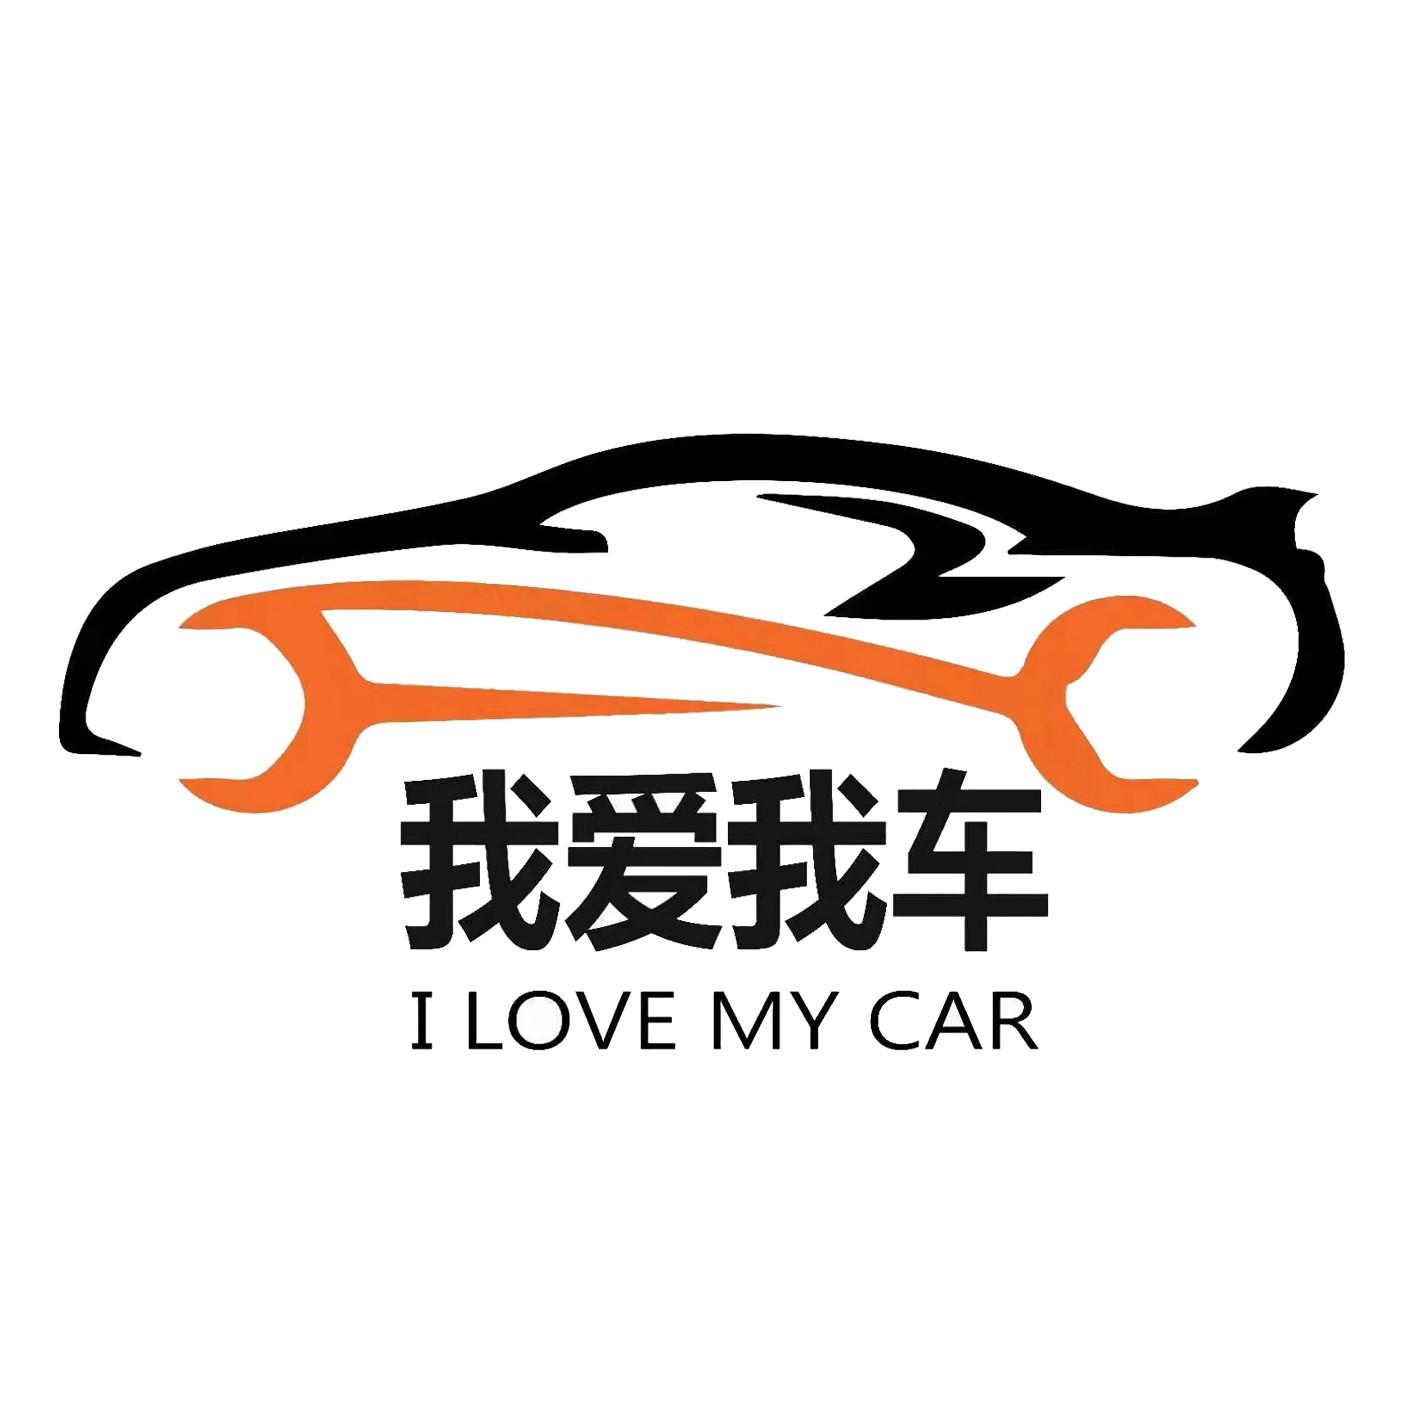 池州市我爱我车汽车服务中心